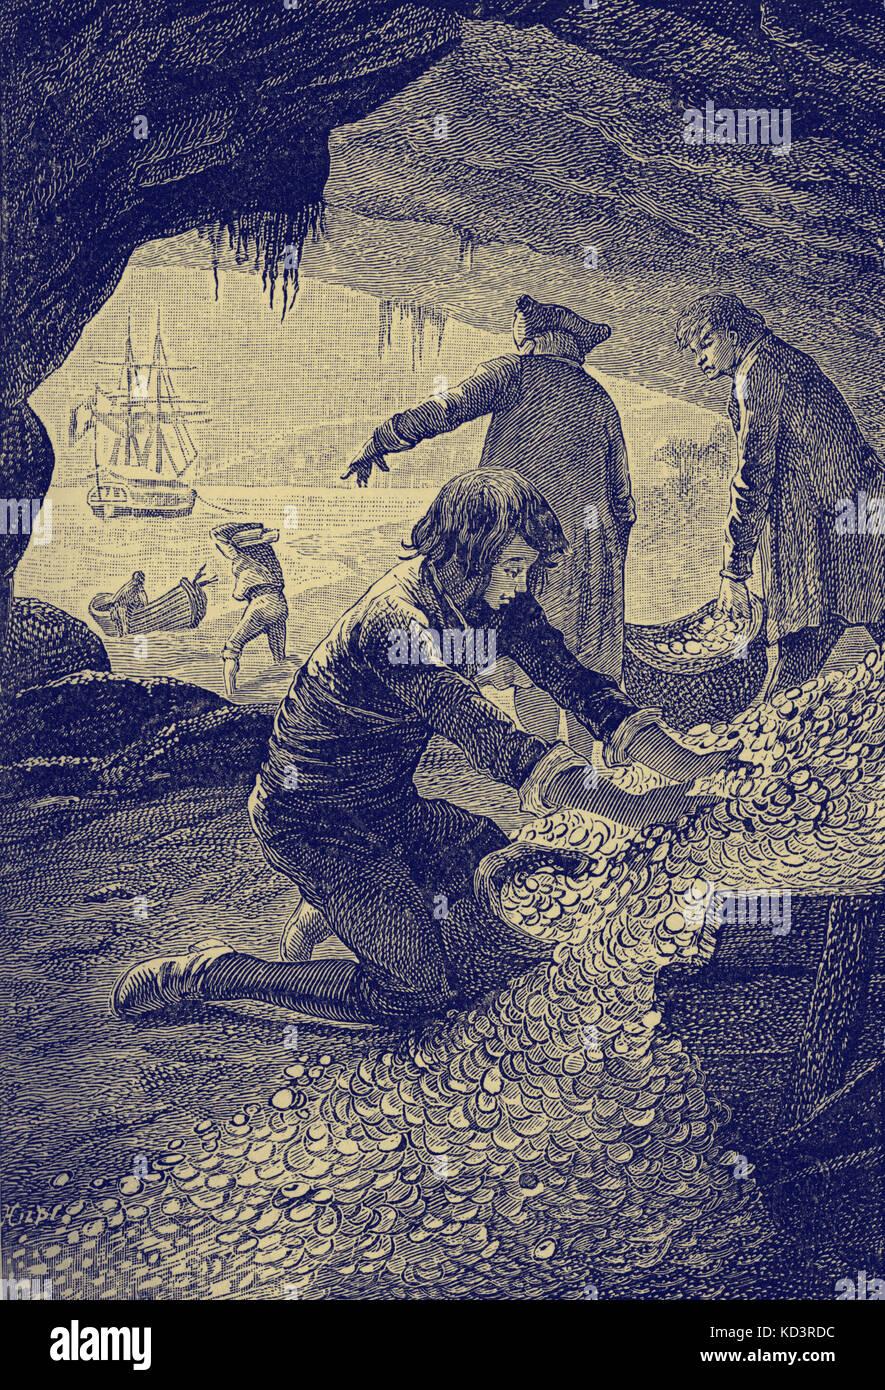 Treasure Island par Robert Louis Stevenson. La légende indique : « J'ai été occupé toute la journée dans la grotte, empatant l'argent miné dans des sacs à pain. » (Jim Hawkins - chargement du Trésor.) Chapitre XXXIII la chute d'un Chieftain. Première publication en 1881-82. RLS : romancier écossais, poète et écrivain de voyage, 13 novembre 1850 – 3 décembre 1894. Banque D'Images